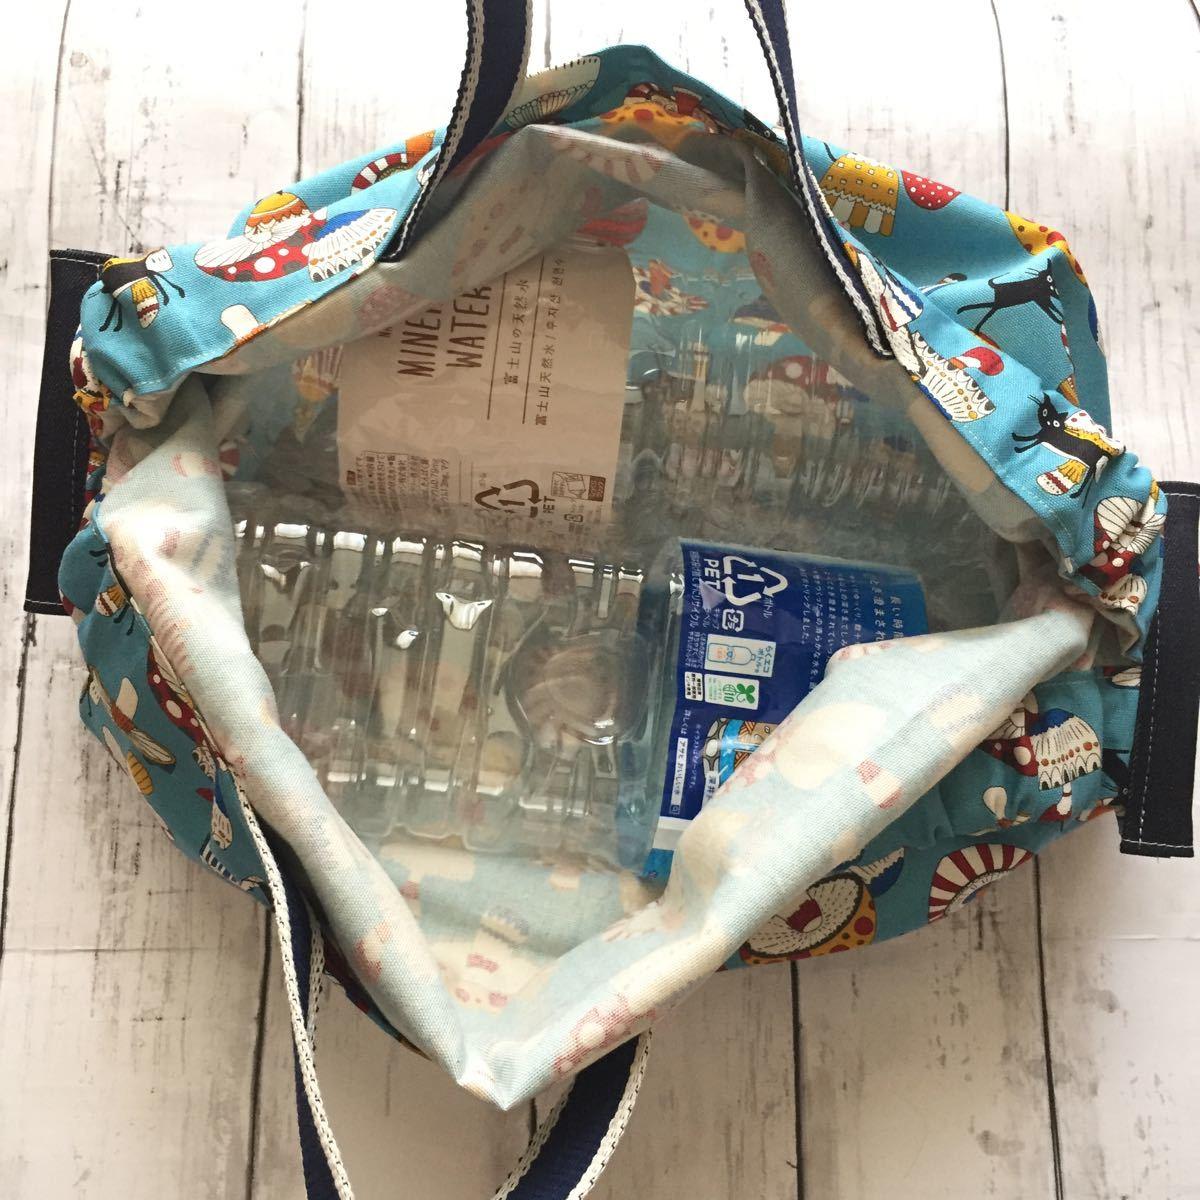 220 折りたたみ エコバッグ (小 )買い物袋 ハンドメイド サブバッグ ランチバッグ コンビニ弁当